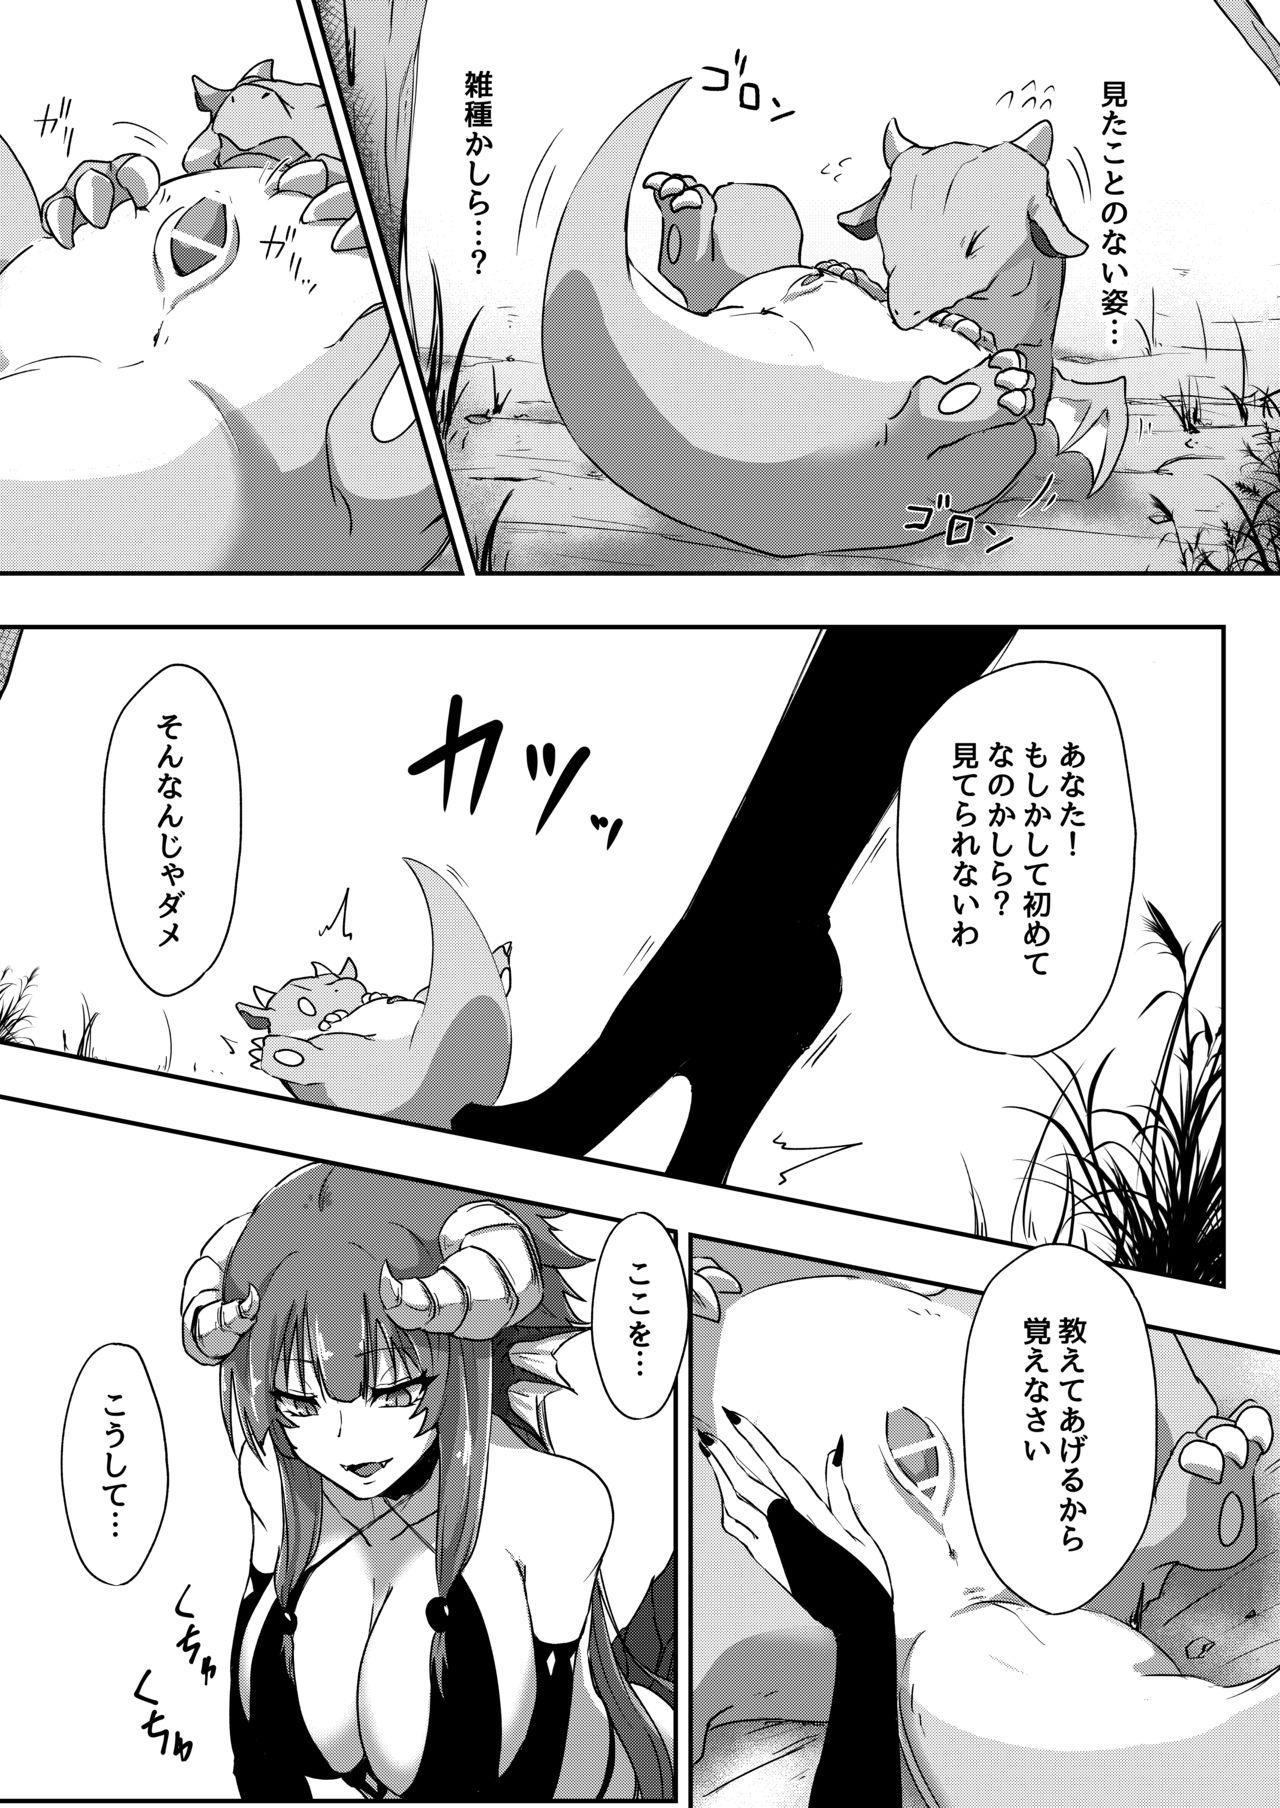 Futa Dra-chan ga Oshiete Ageru 5